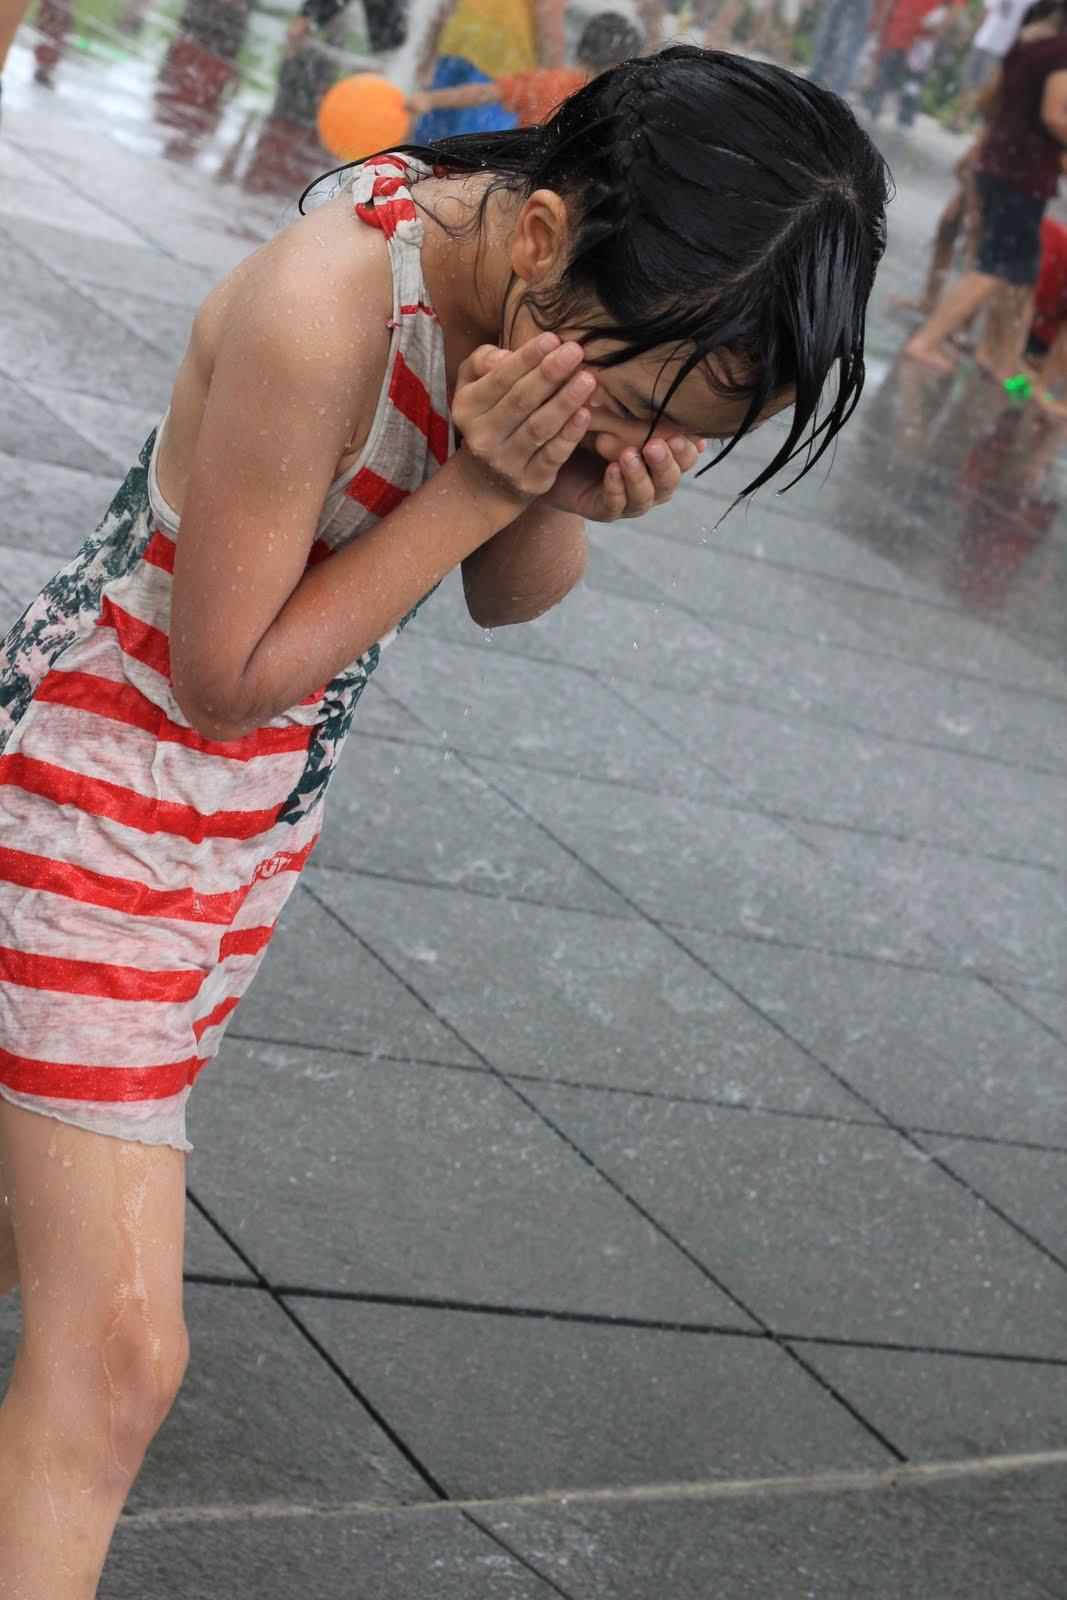 【JS】ロリコンホイホイスレ�A【JC】【JK】 [無断転載禁止]©2ch.netYouTube動画>148本 ->画像>890枚